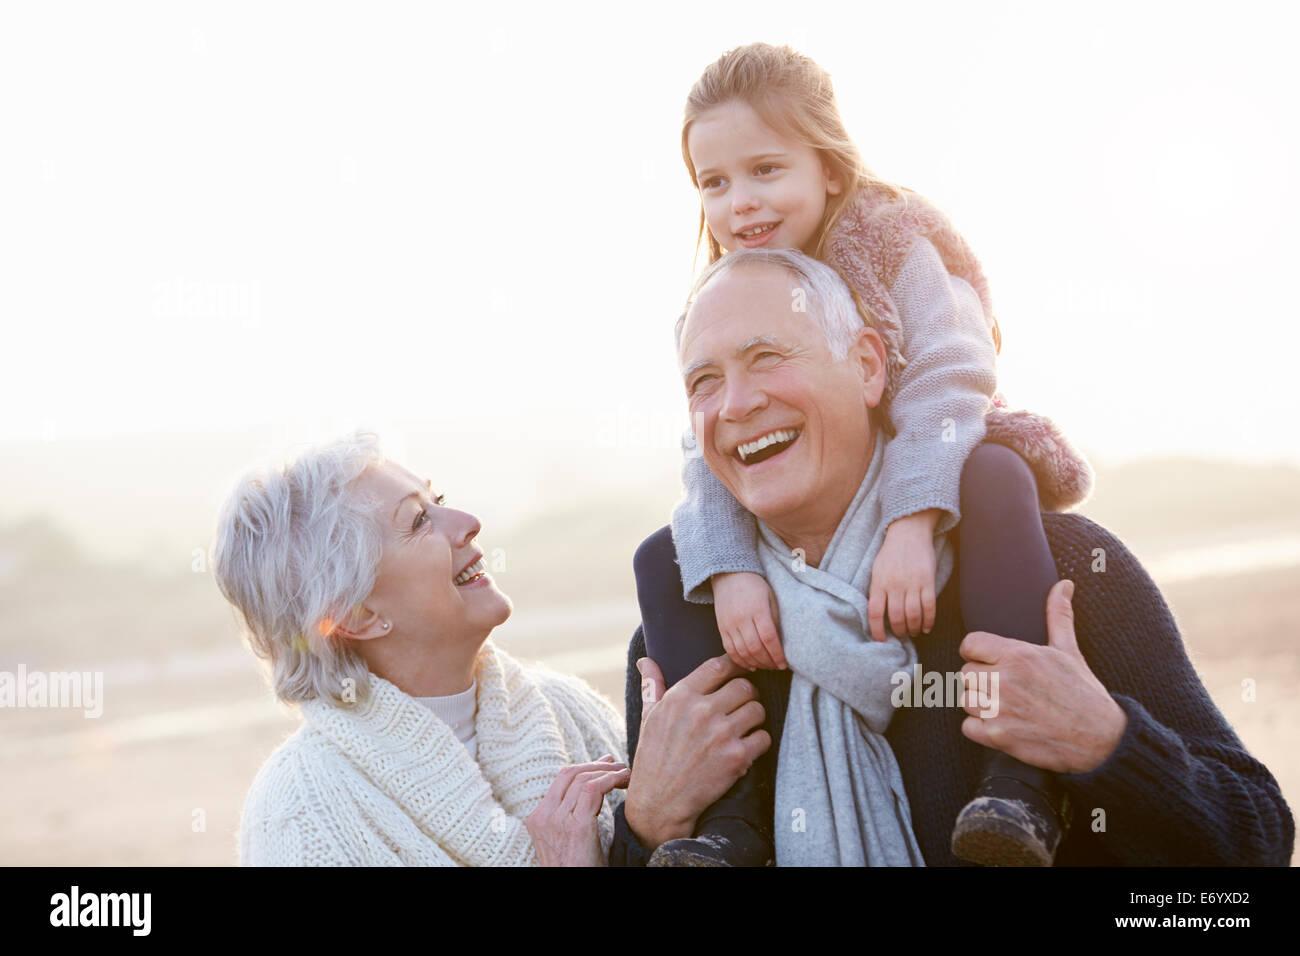 Los abuelos y nieta caminando por la playa de invierno Imagen De Stock